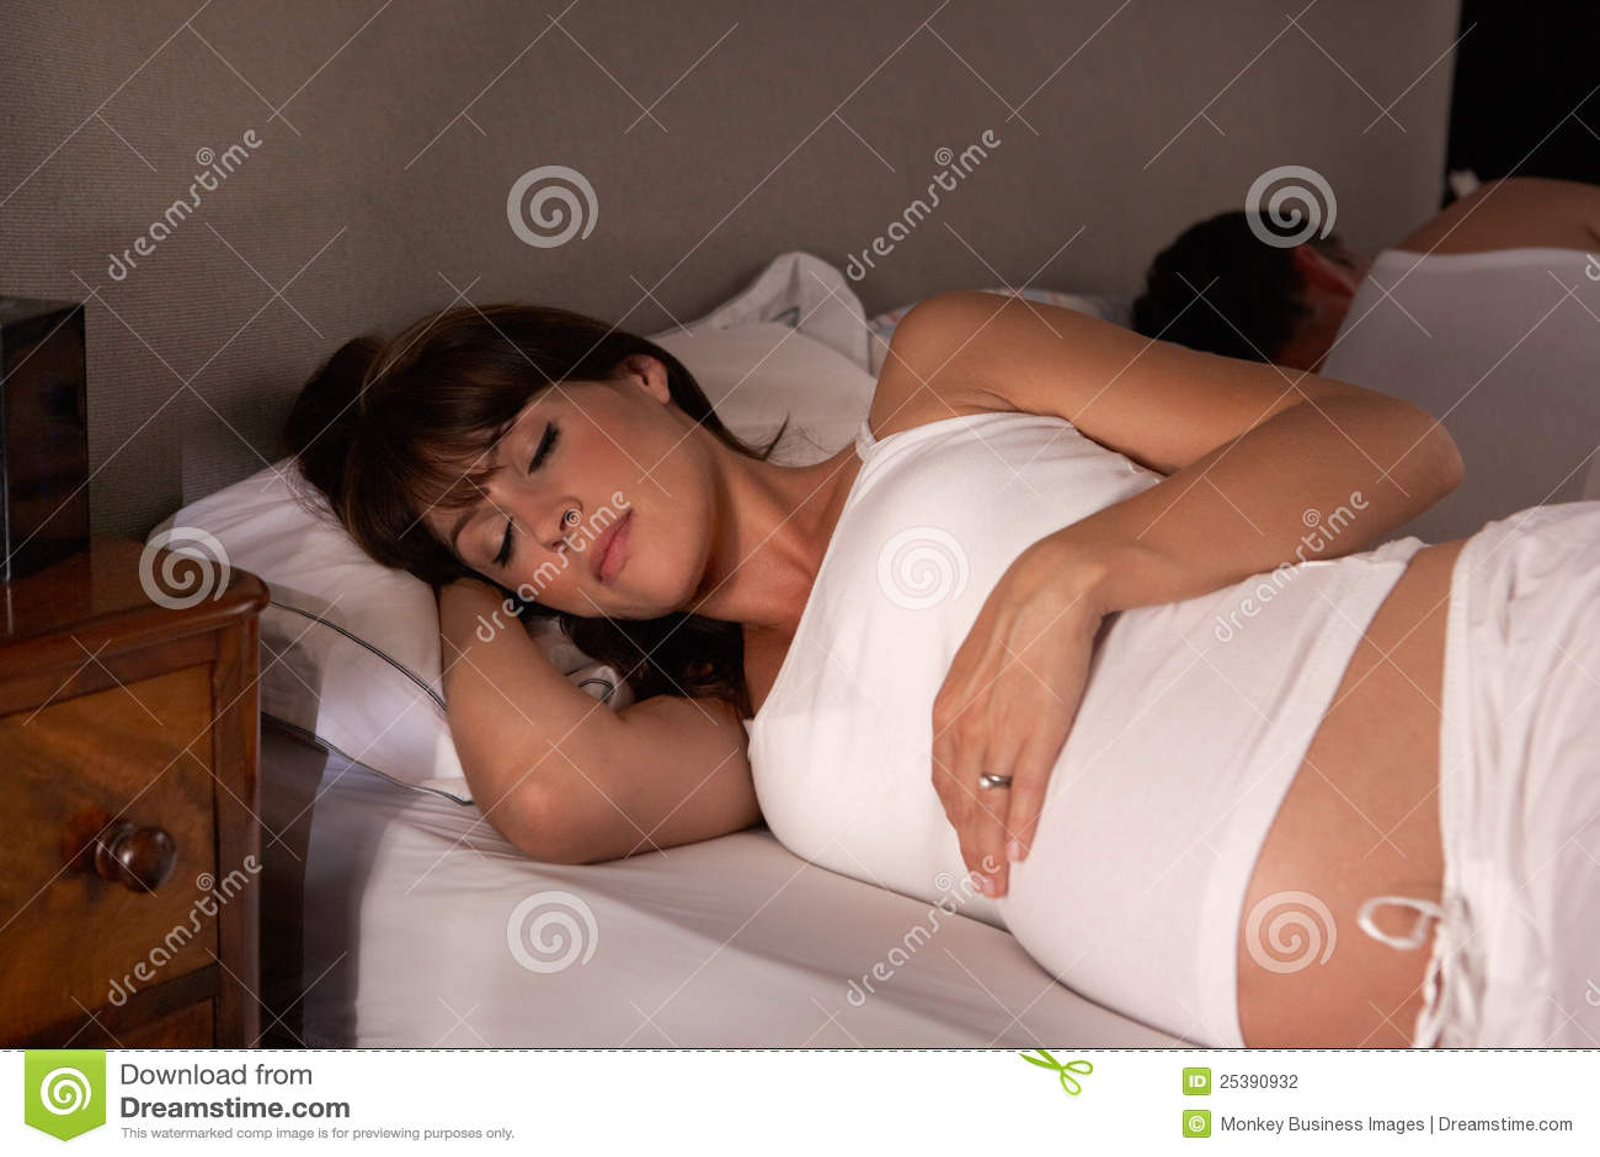 Сильно беременная девушка картинки 3 фотография